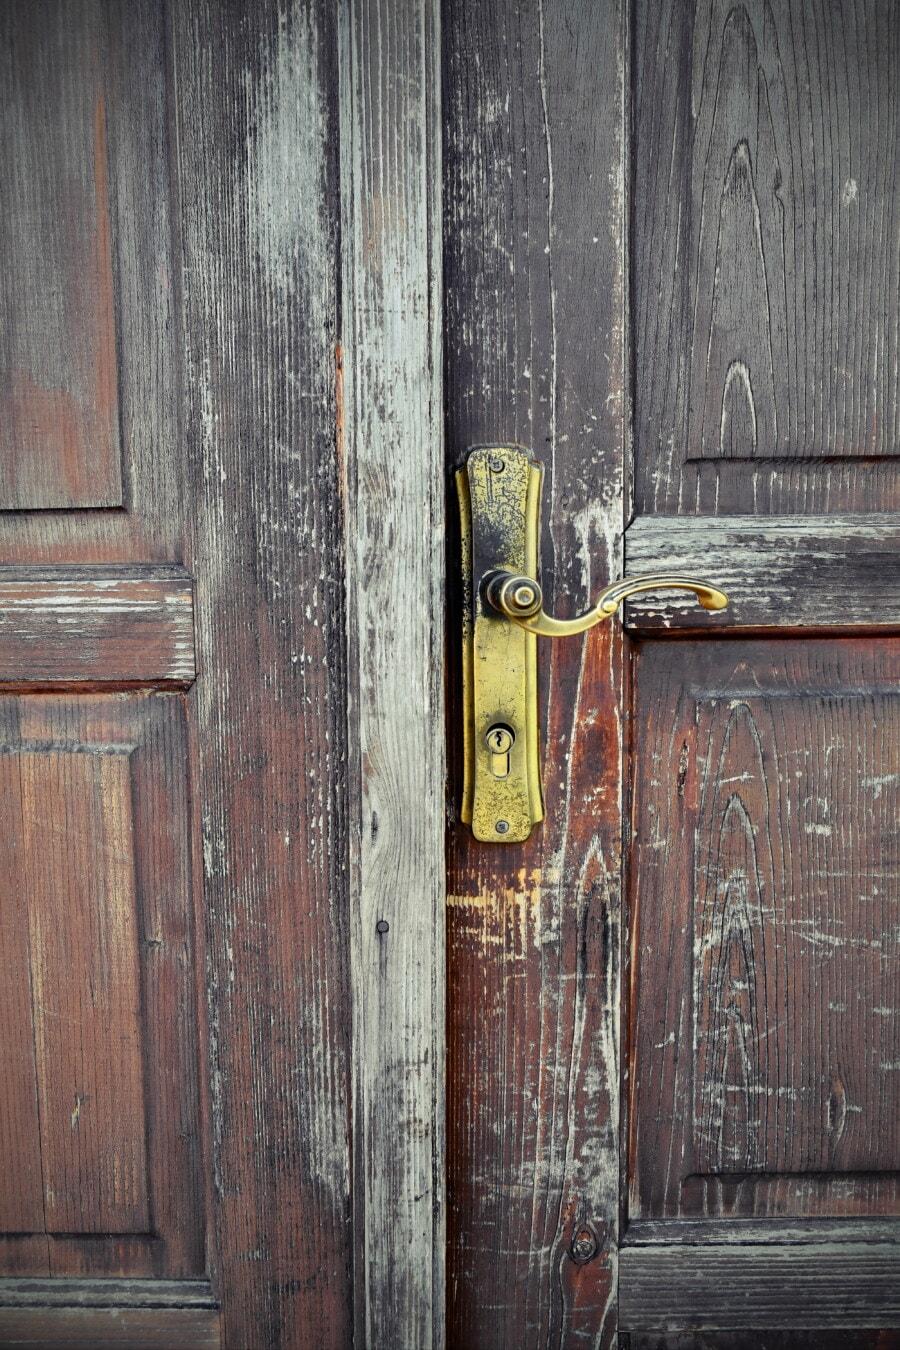 正面玄関, セキュリティ, 鍵穴, 錆, 堅材, 大工仕事, 木材, 古い, 木製, ドア